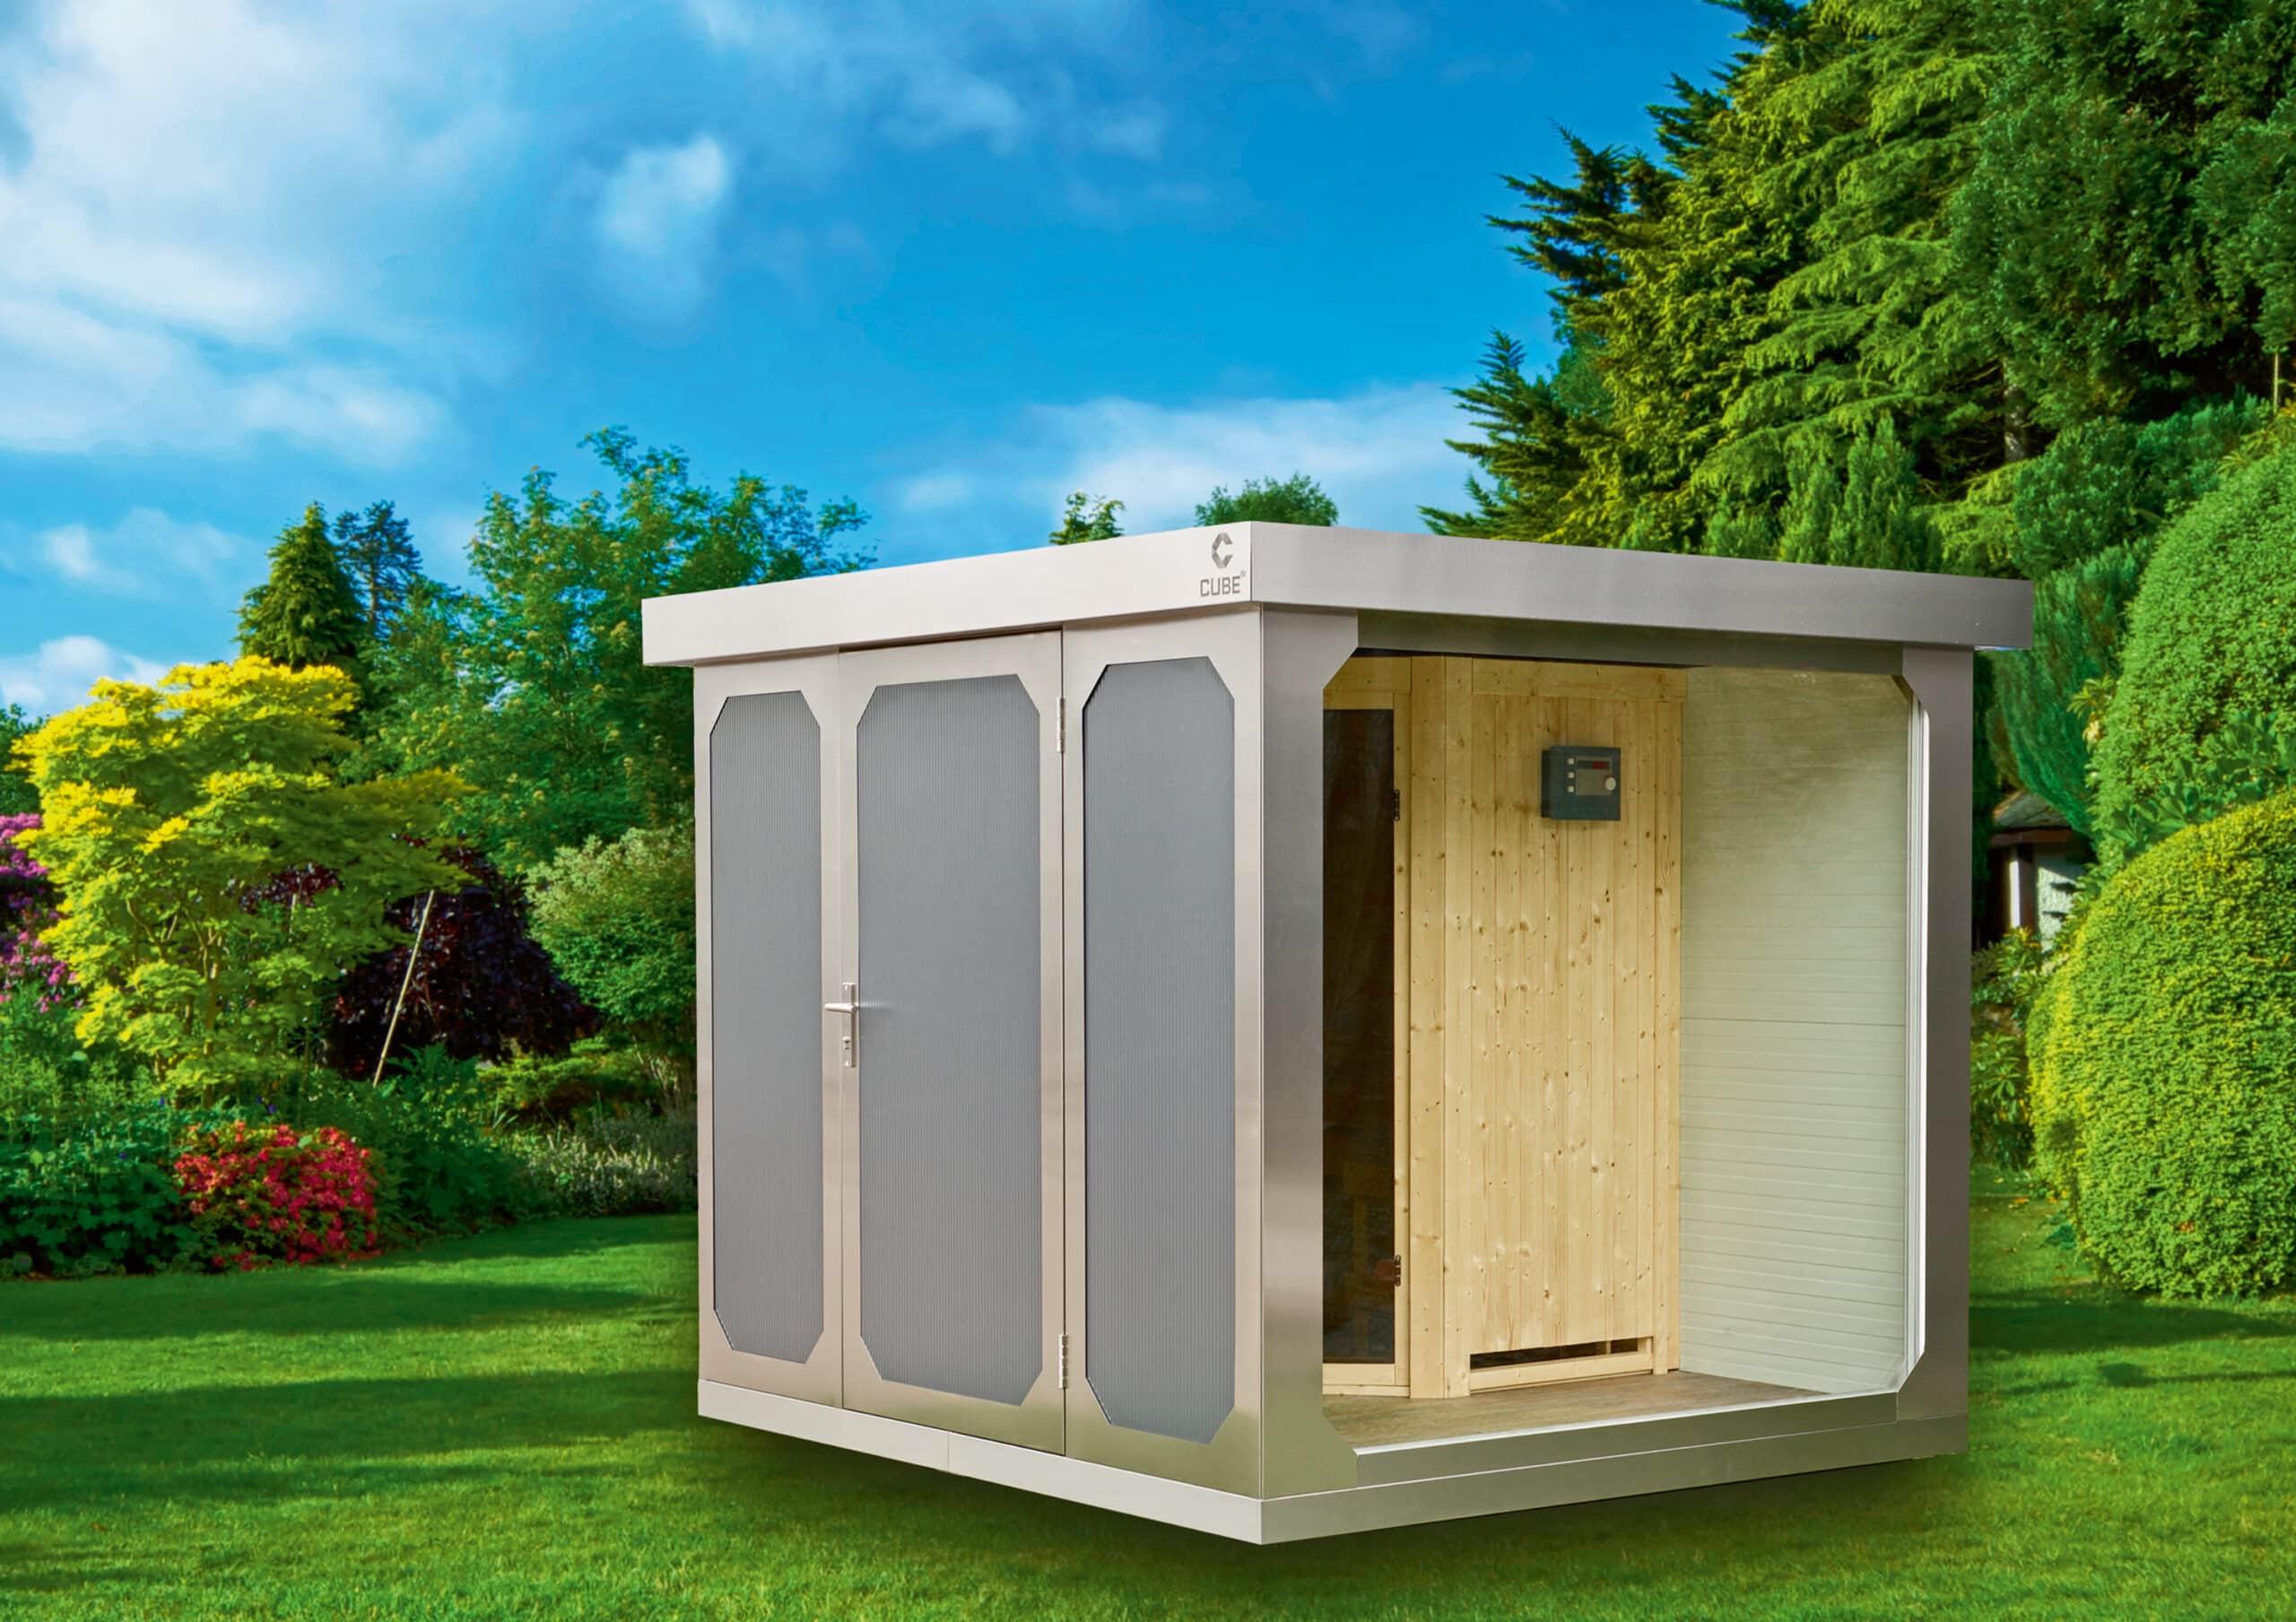 Outdoorküche Napoleon Dynamite : Outdoorküche camping outdoor aldi suisse ag outdoorküche kansas